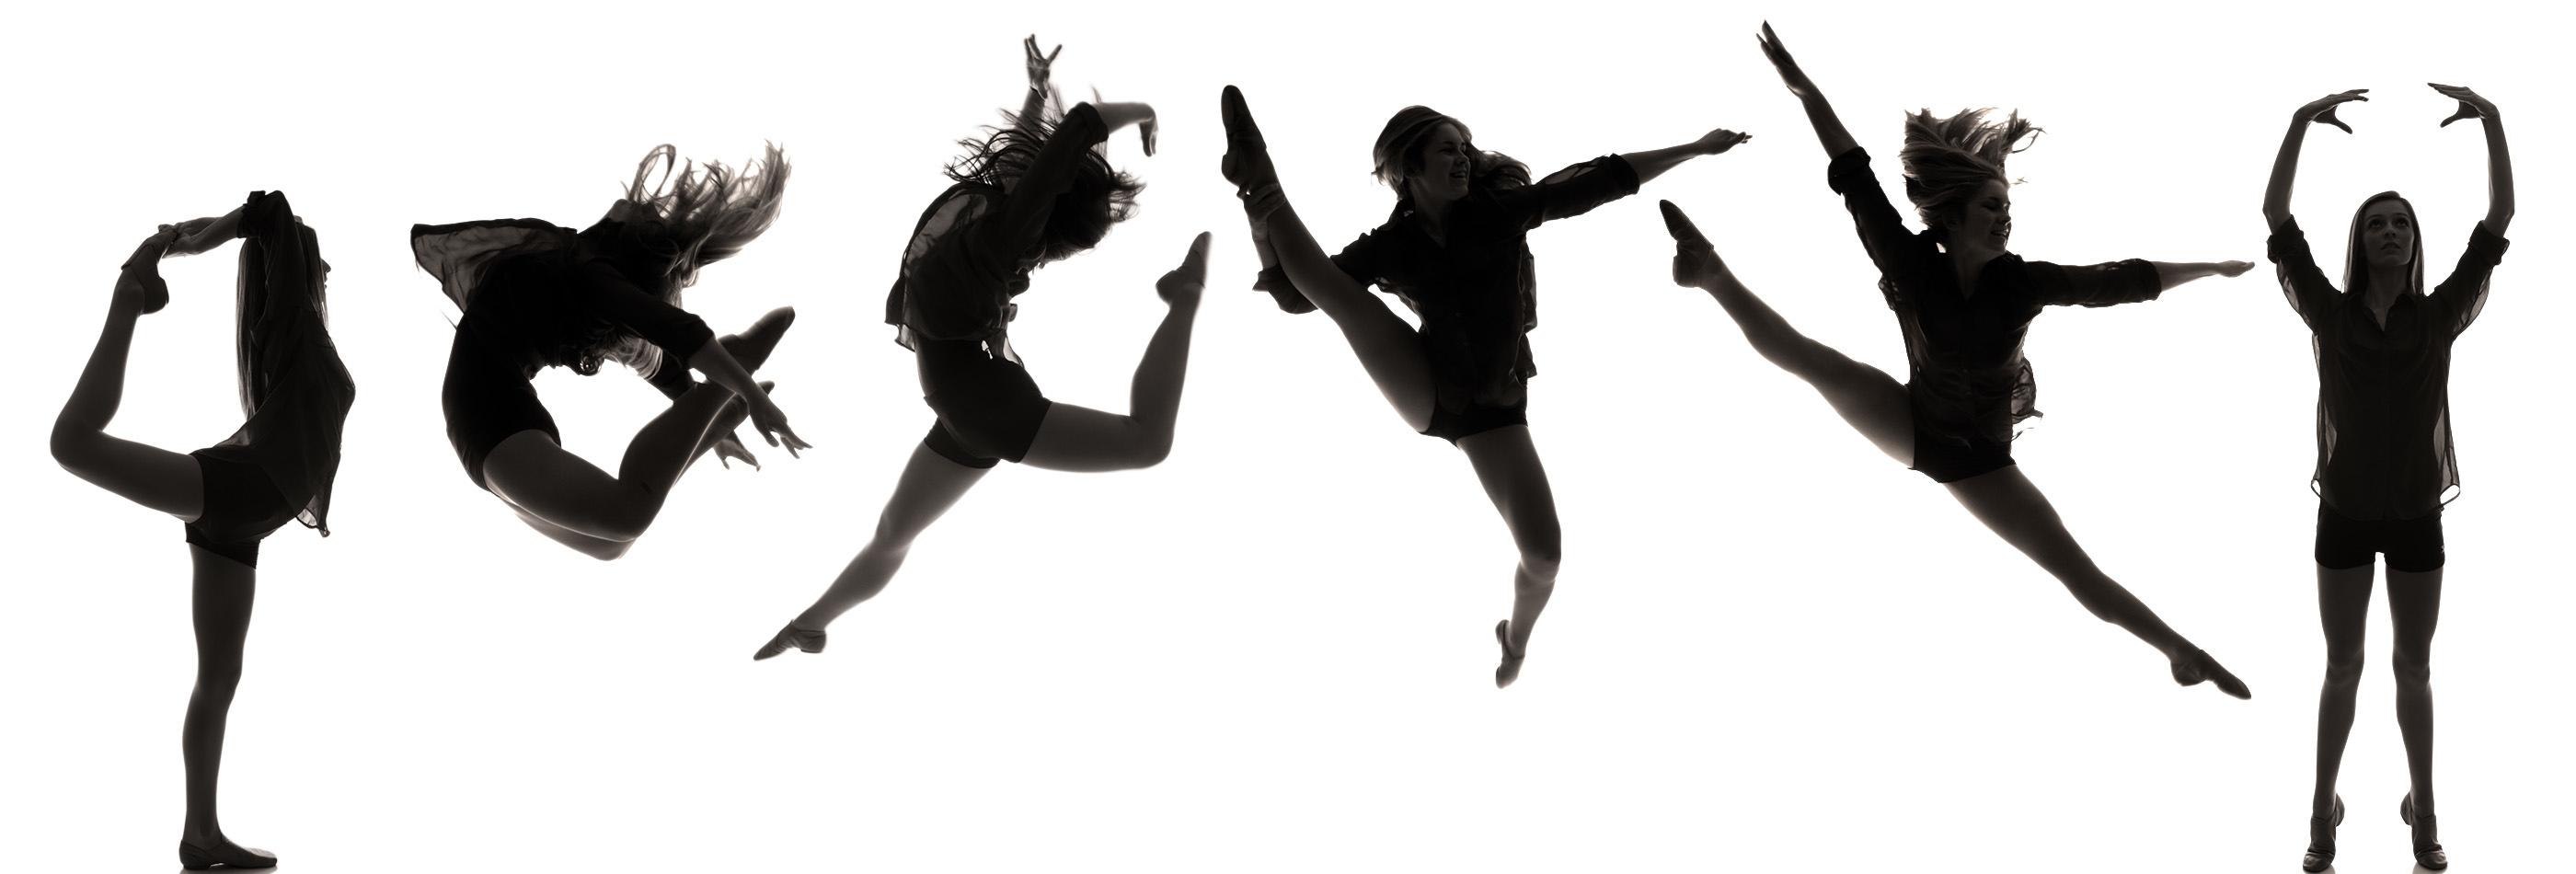 2800x950 Dance Team Silhouette Clipart